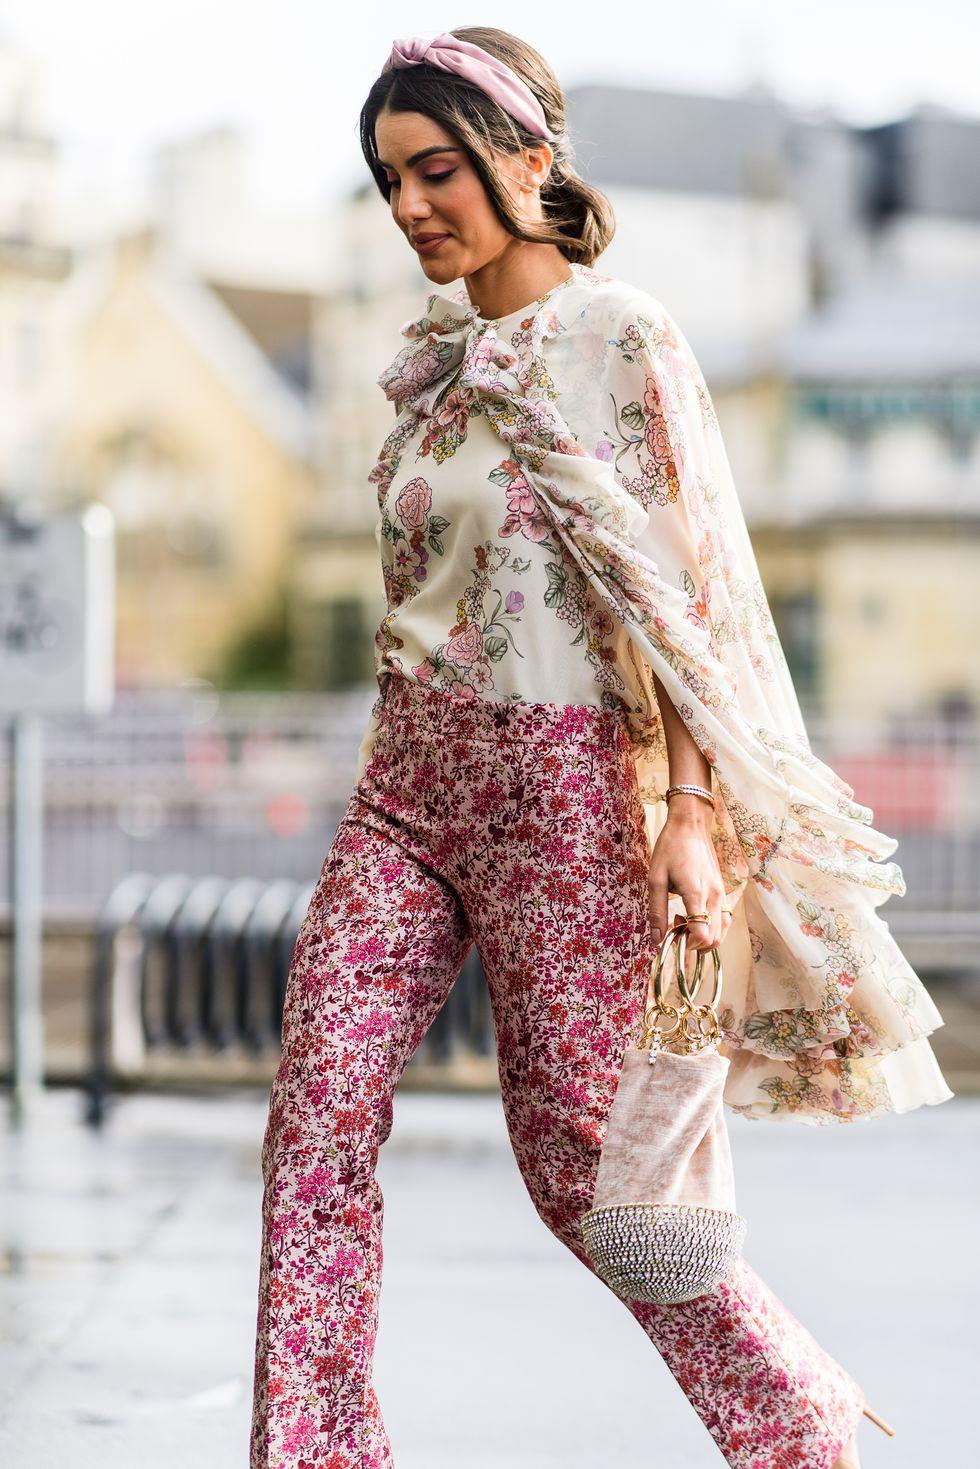 fashonita sơ-vin áo họa tiết hoa cùng quần, túi xách đan lưới, kính mát đen và băng đồ hồng millennial tại paris thu - đông 2019